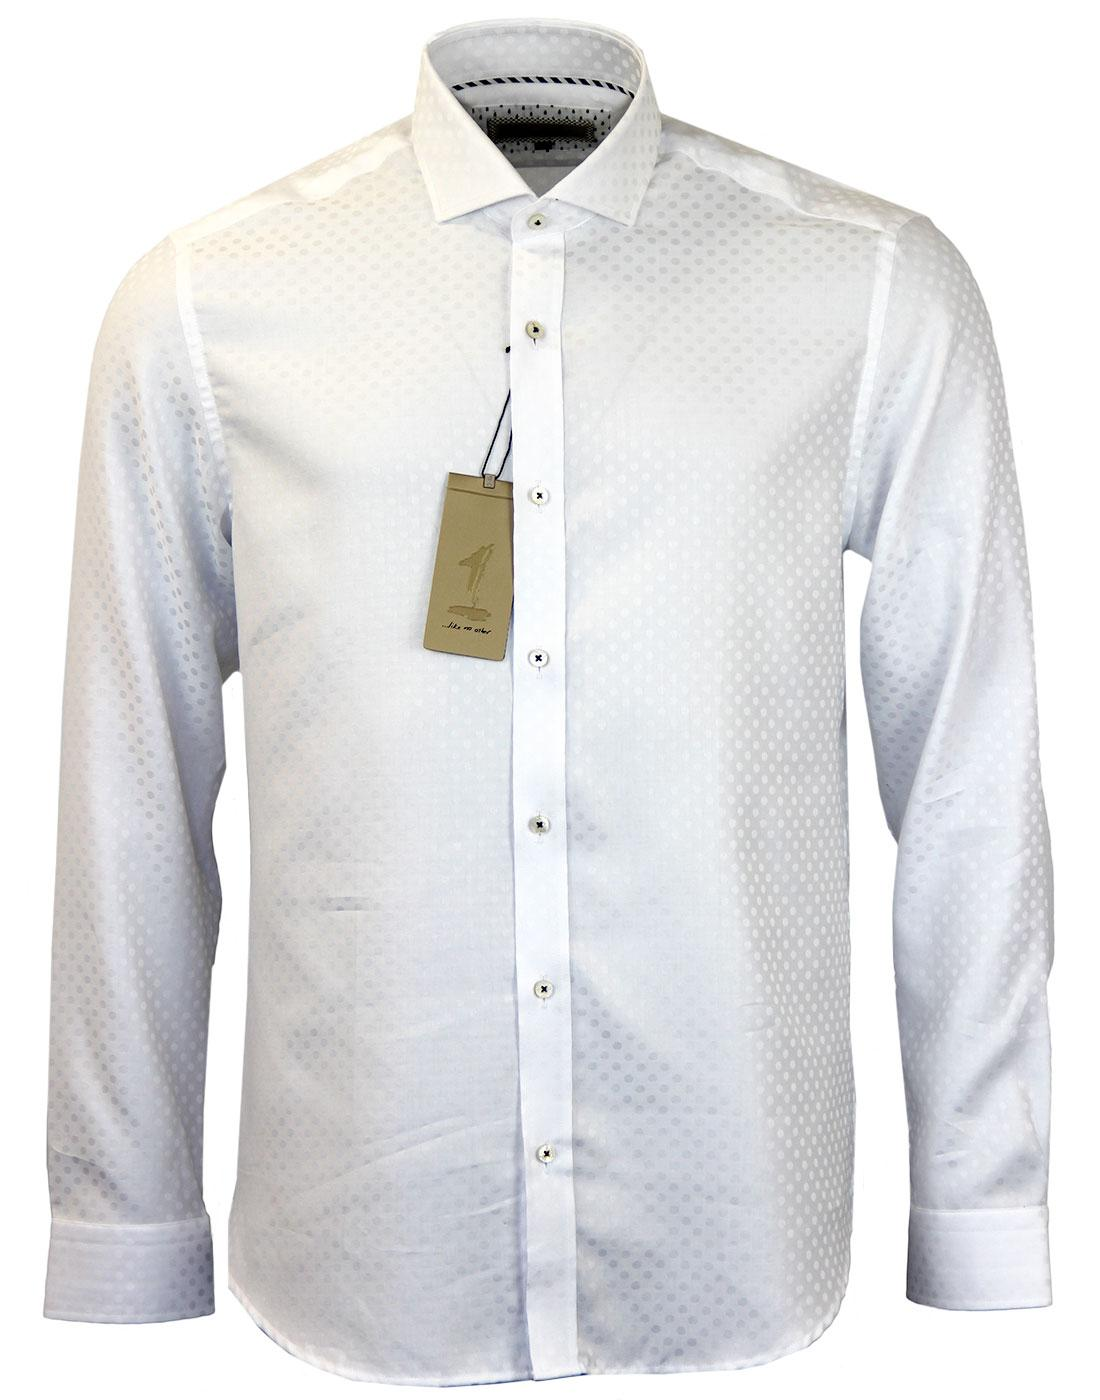 Tarsi 1 LIKE NO OTHER Tonal Polka Dot Mod Shirt